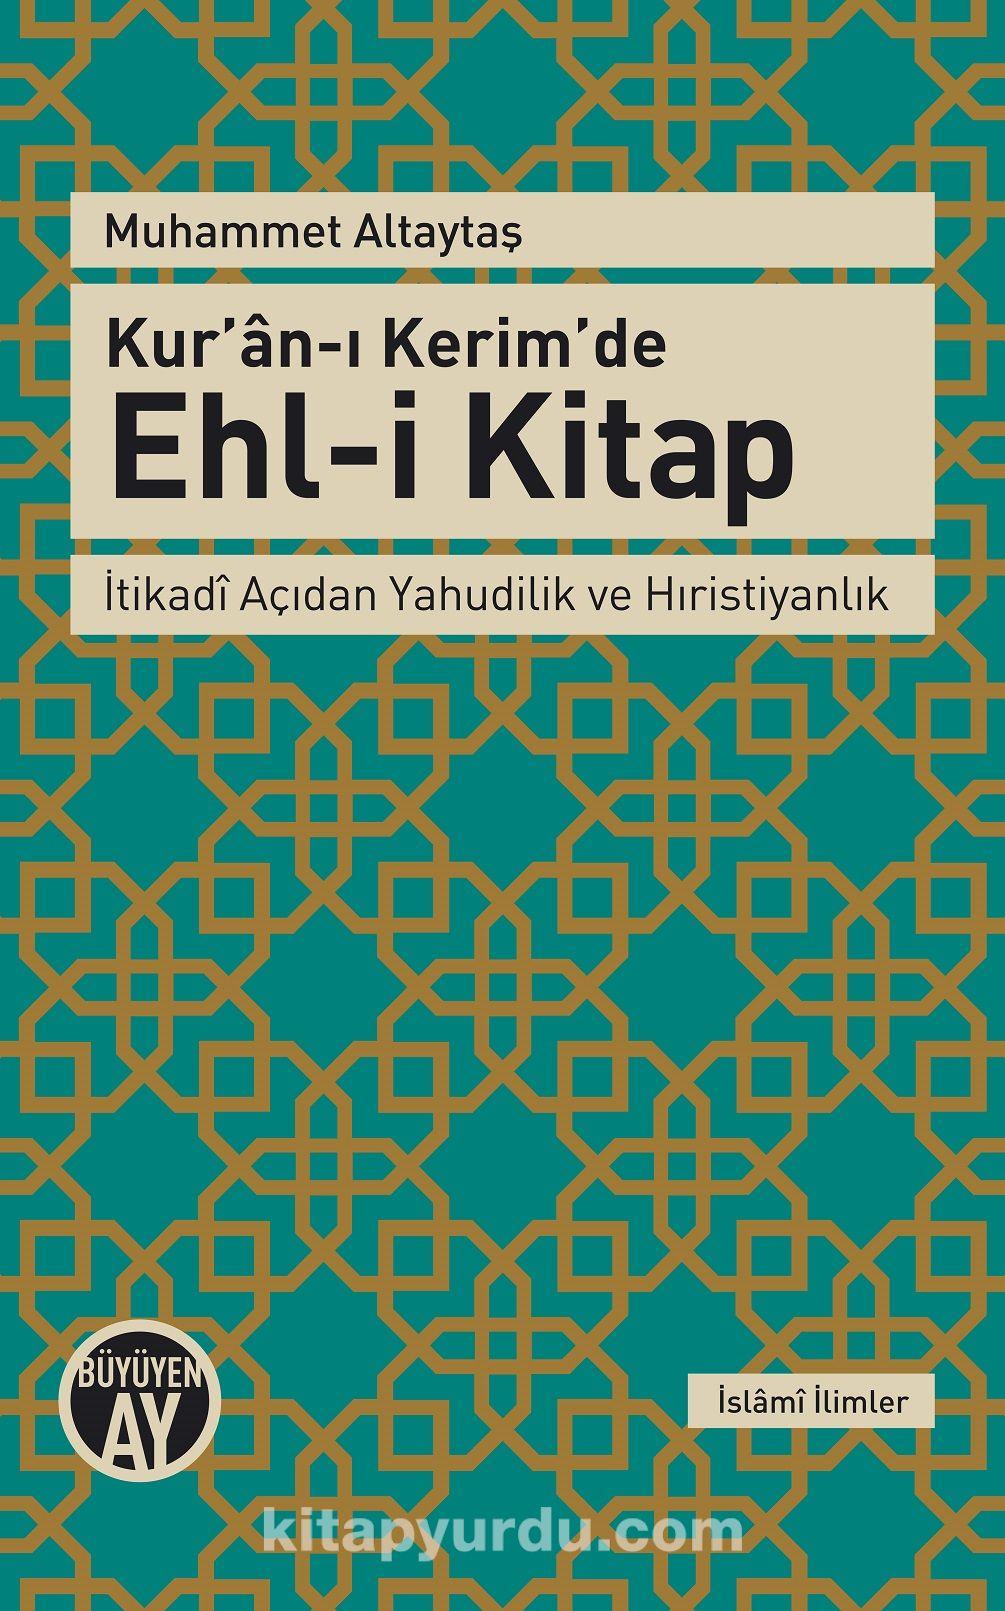 Kur'an-ı Kerim'de Ehl-i Kitapİtikadi Açıdan Yahudilik ve Hıristiyanlık